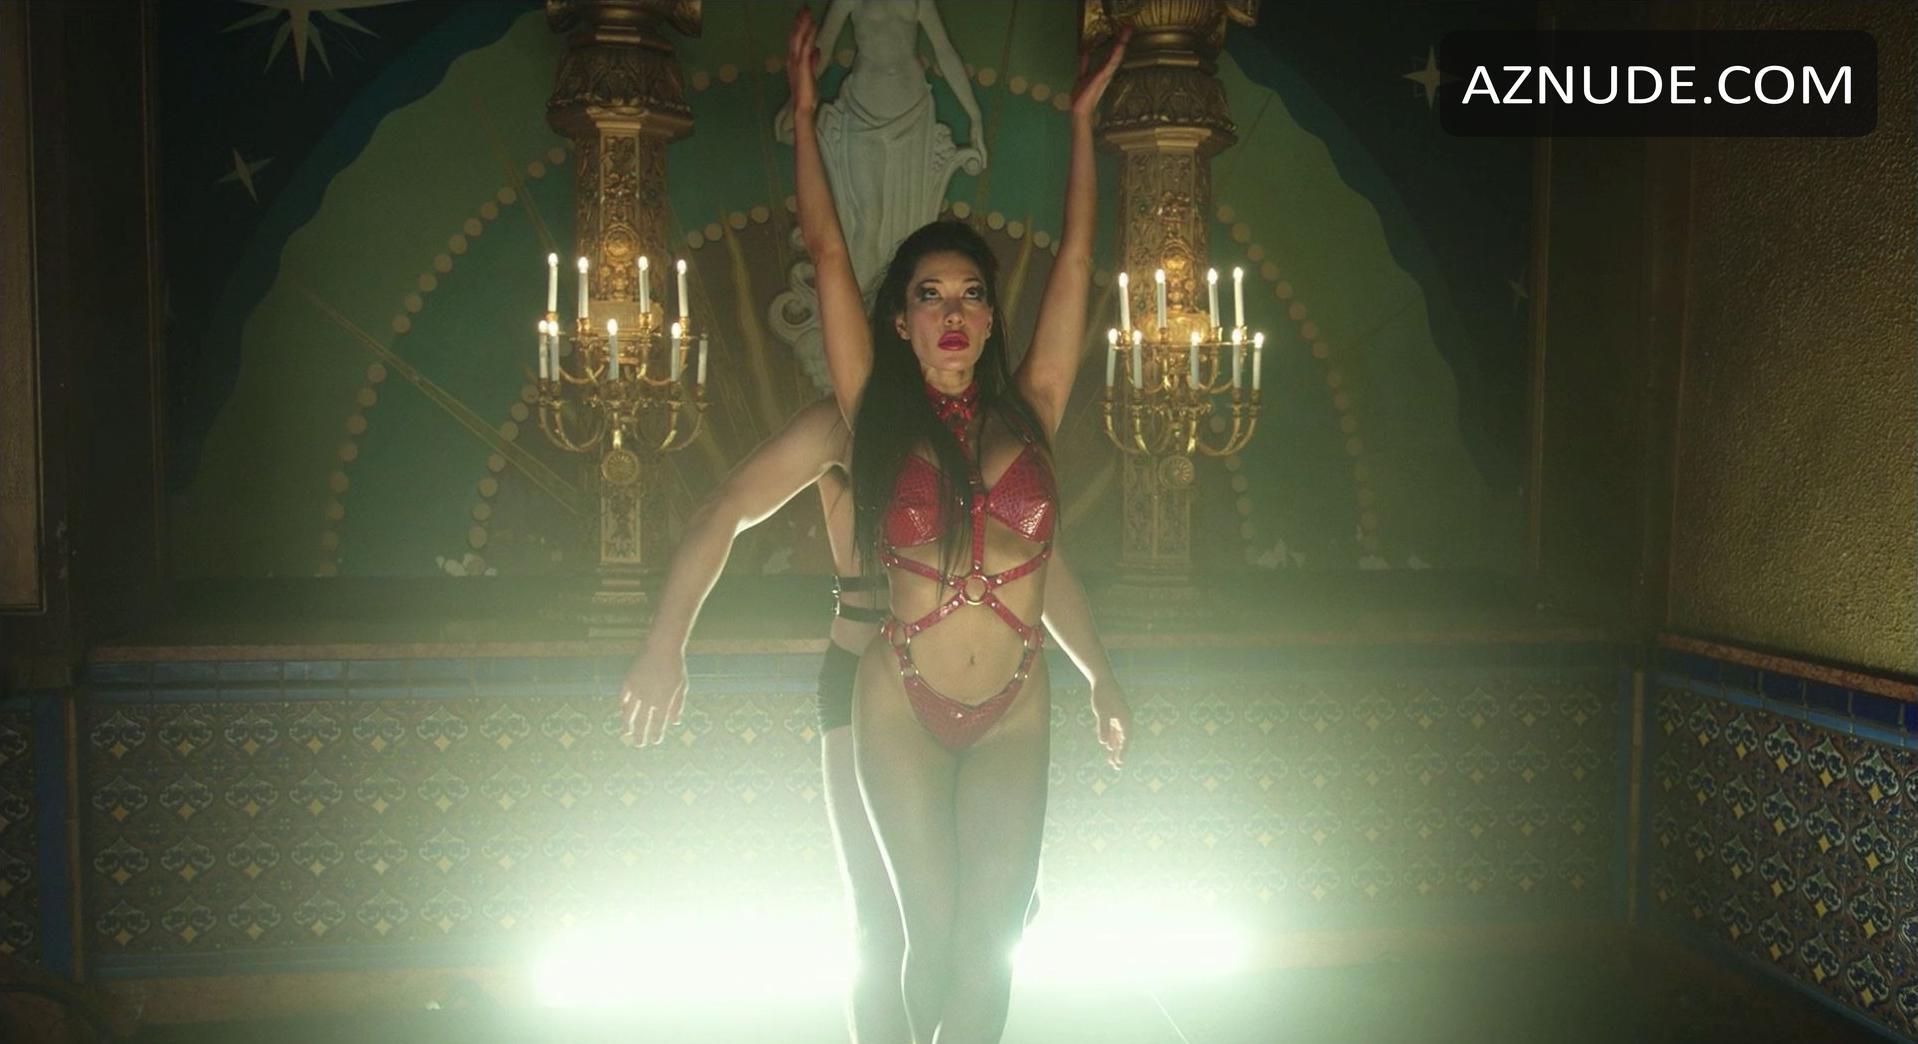 Asia sexy actress nude pics